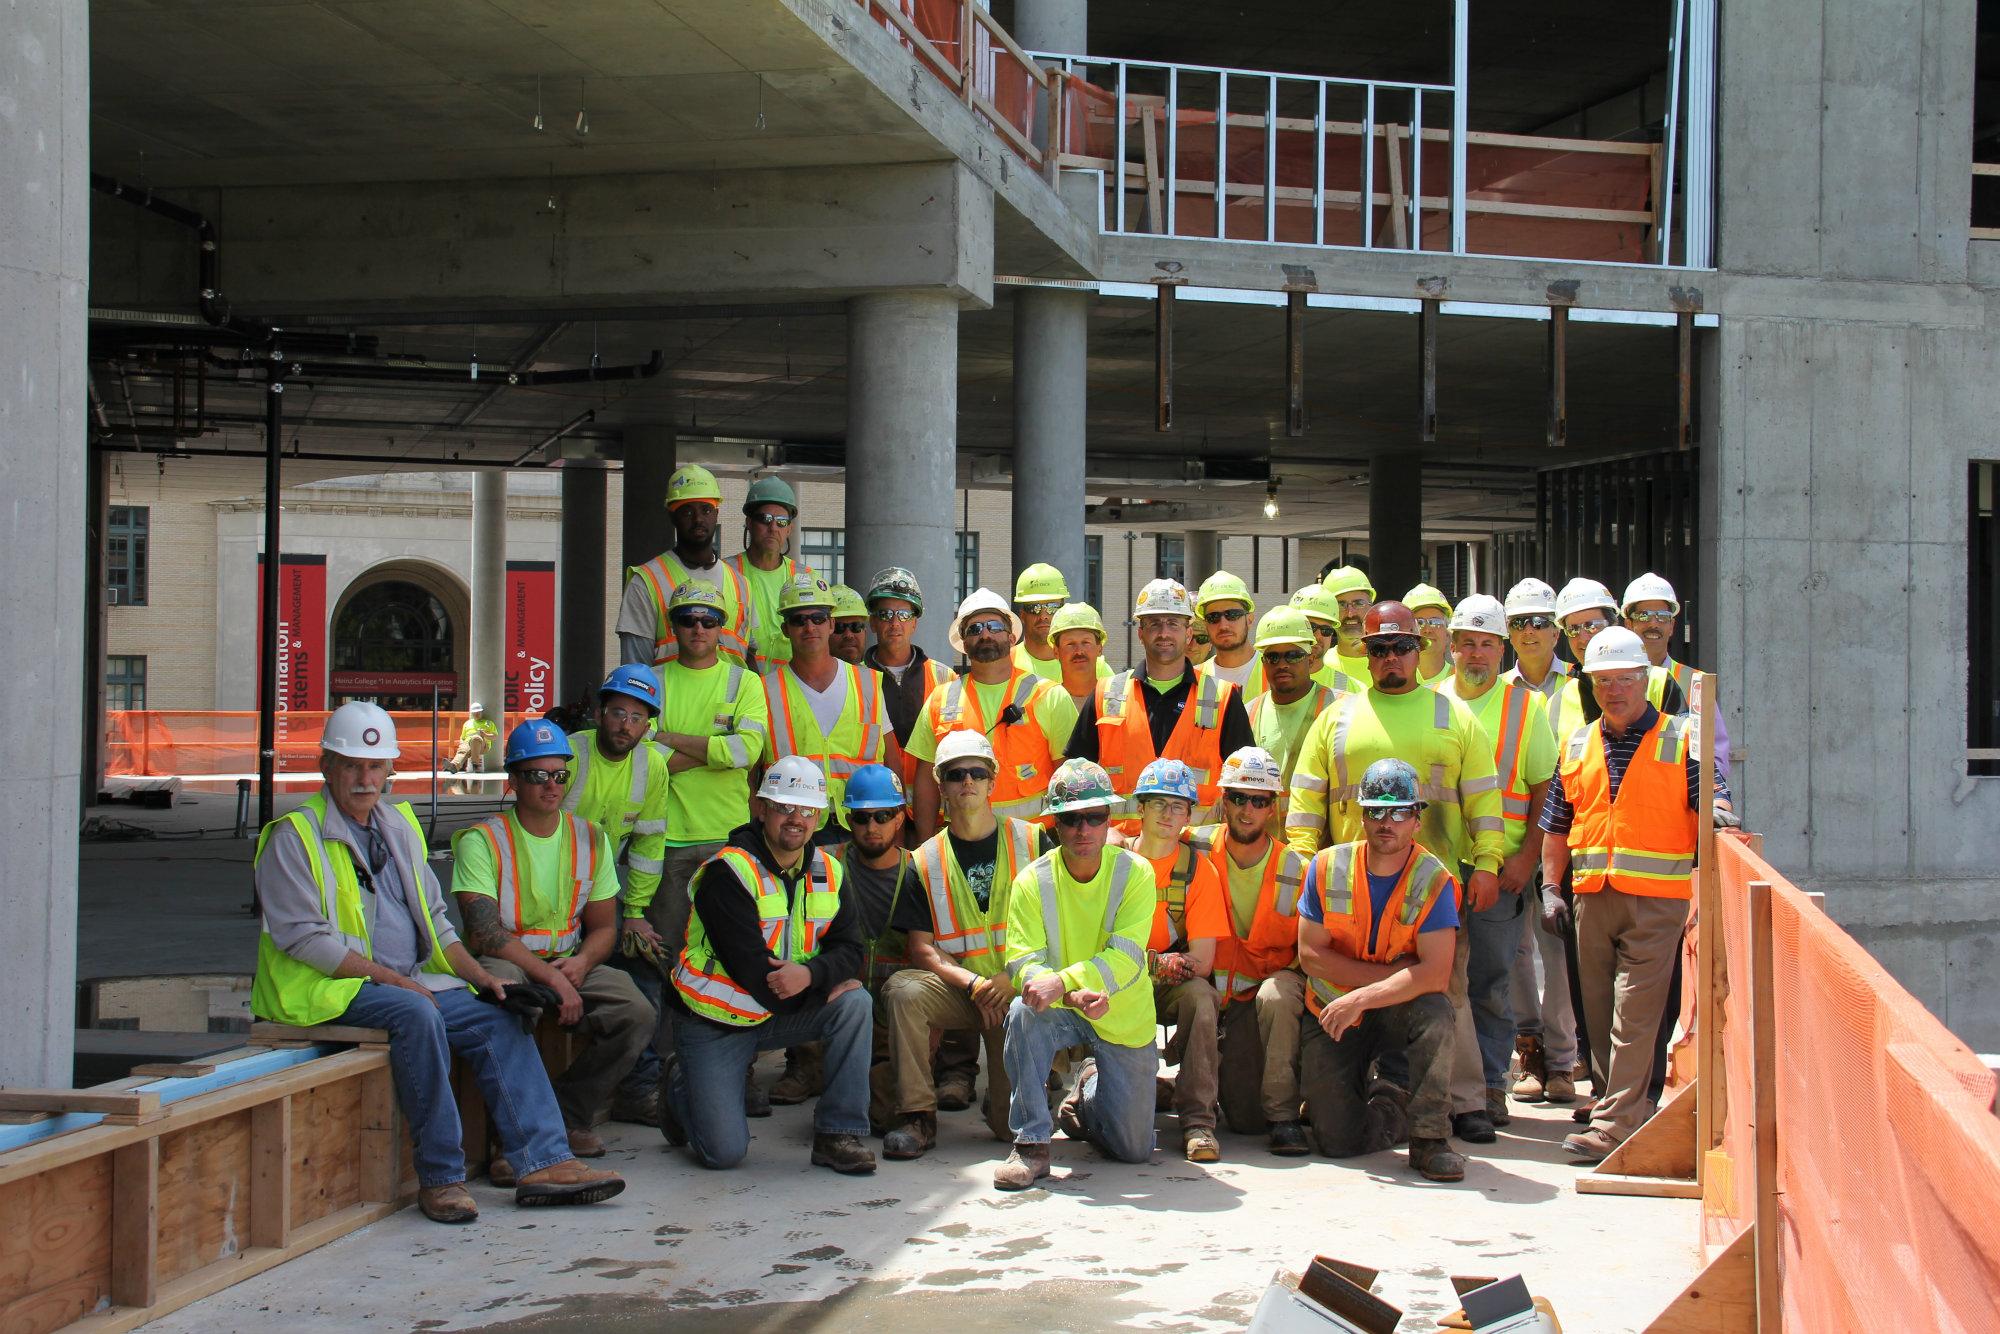 Pj Dick Concrete Construction Magazine Contractors